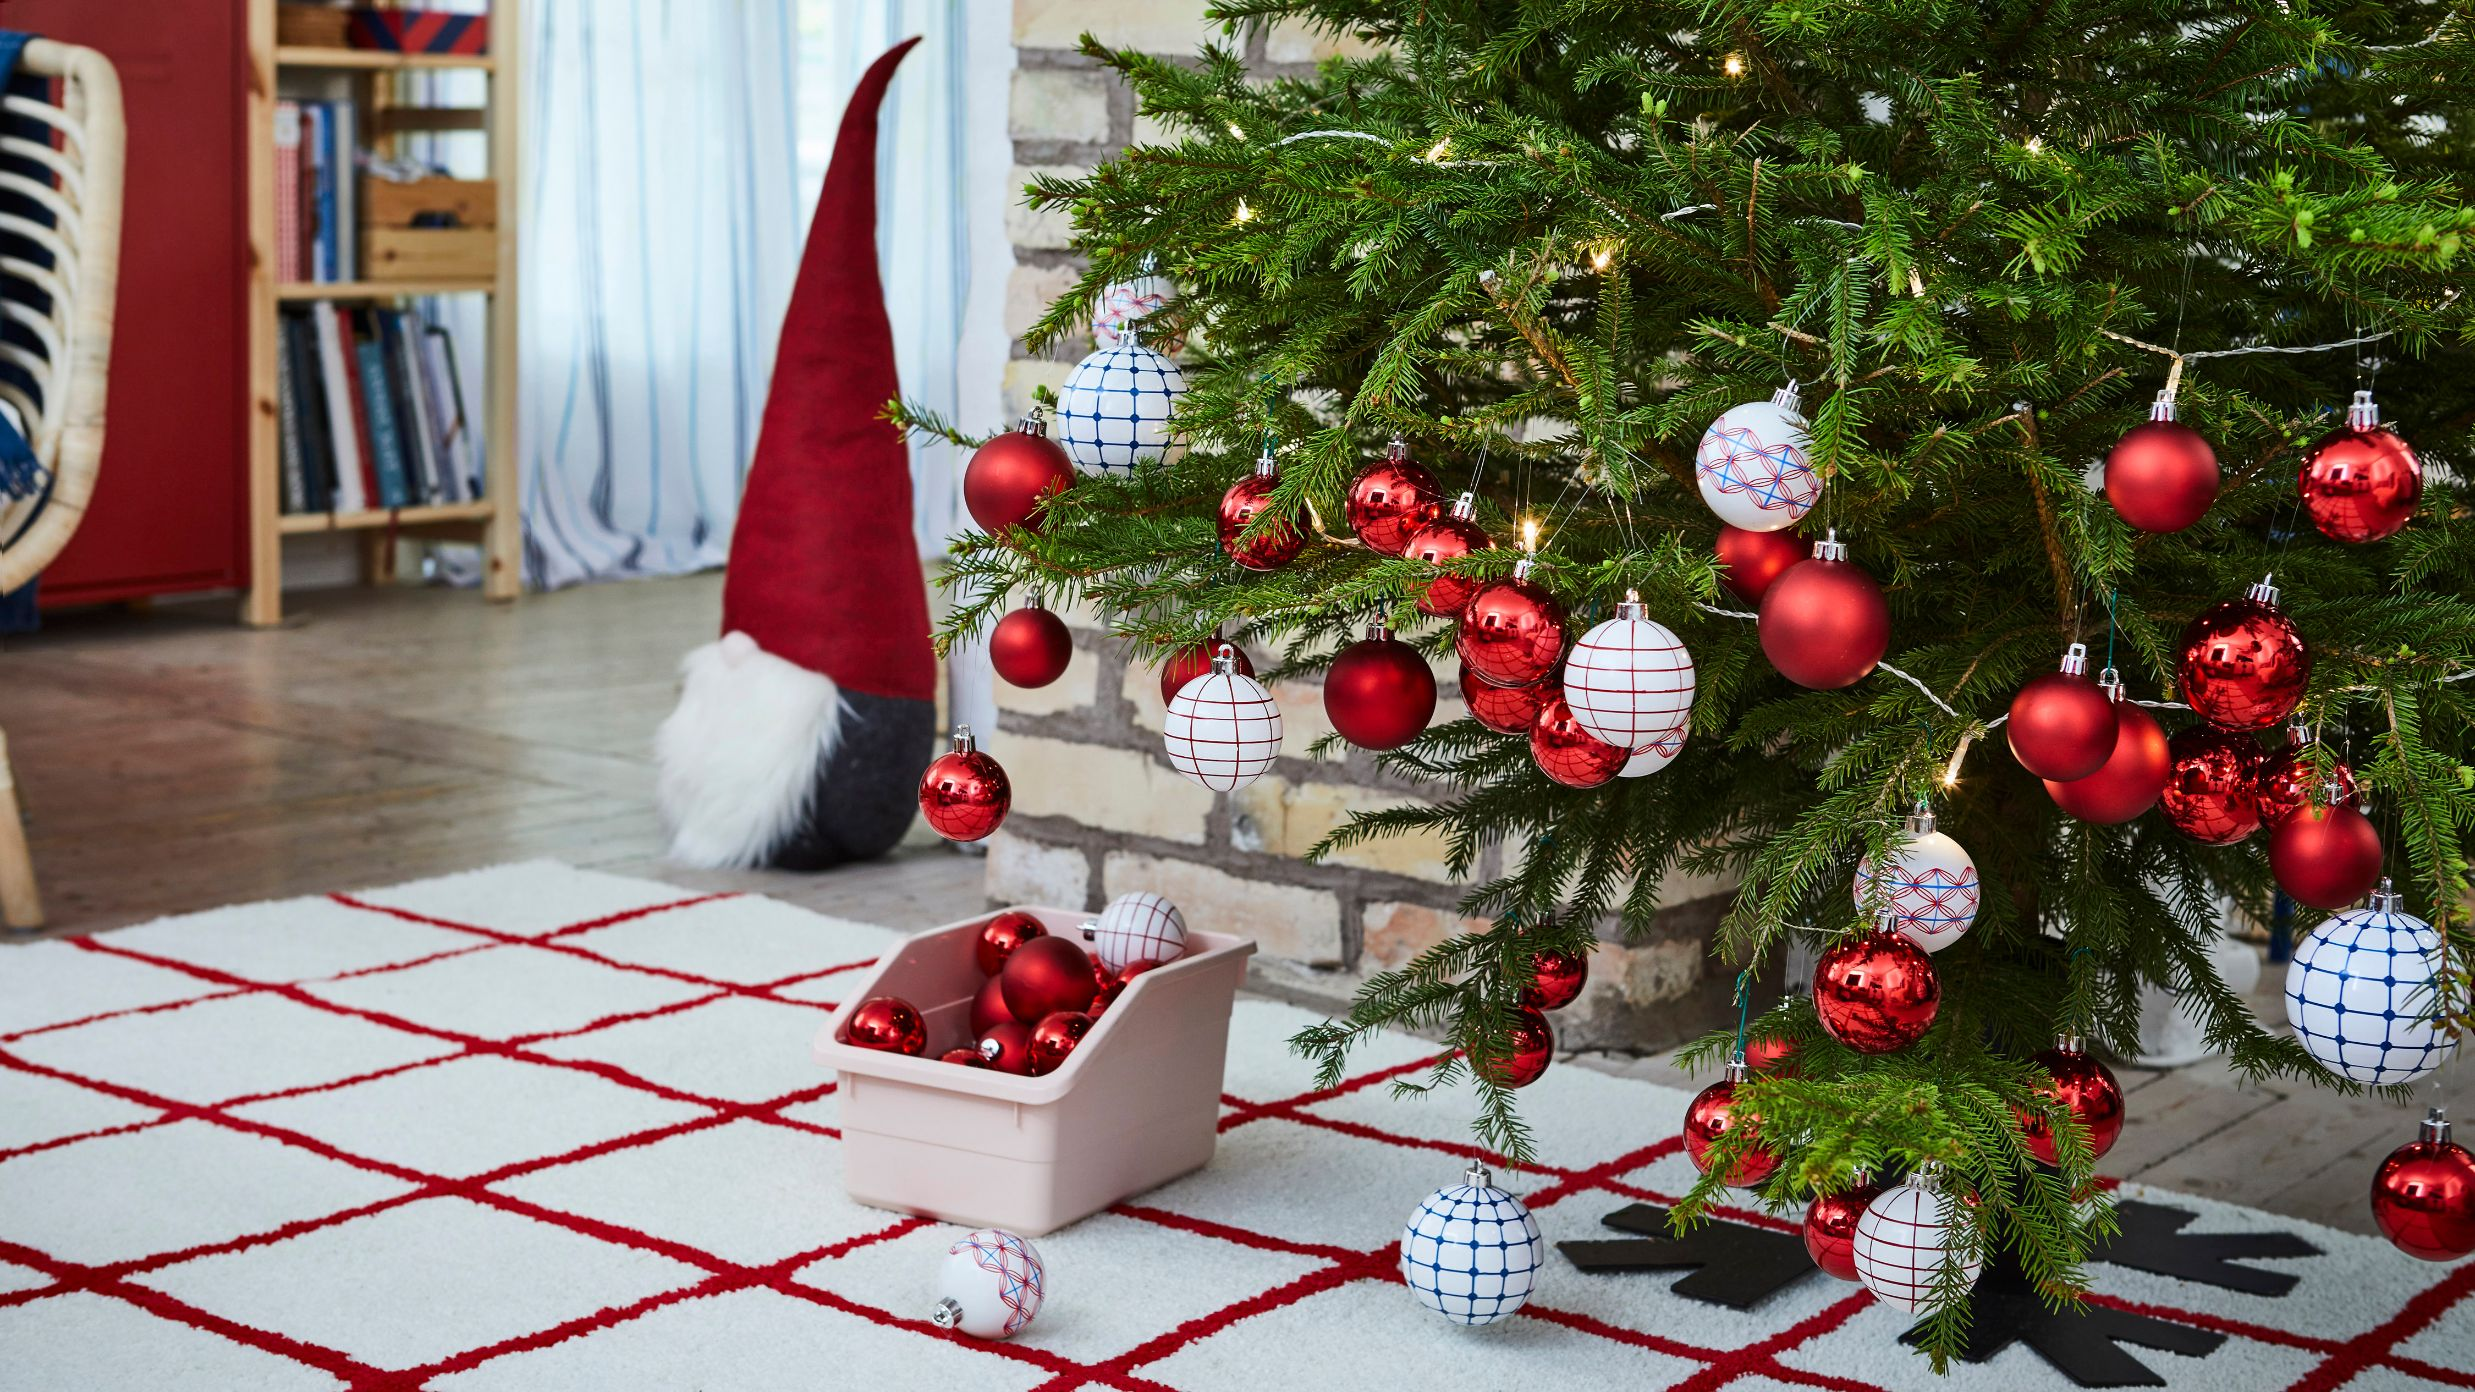 ikea kerst 2020 IKEA kerstcollectie 2019: gezellig en typisch Zweeds